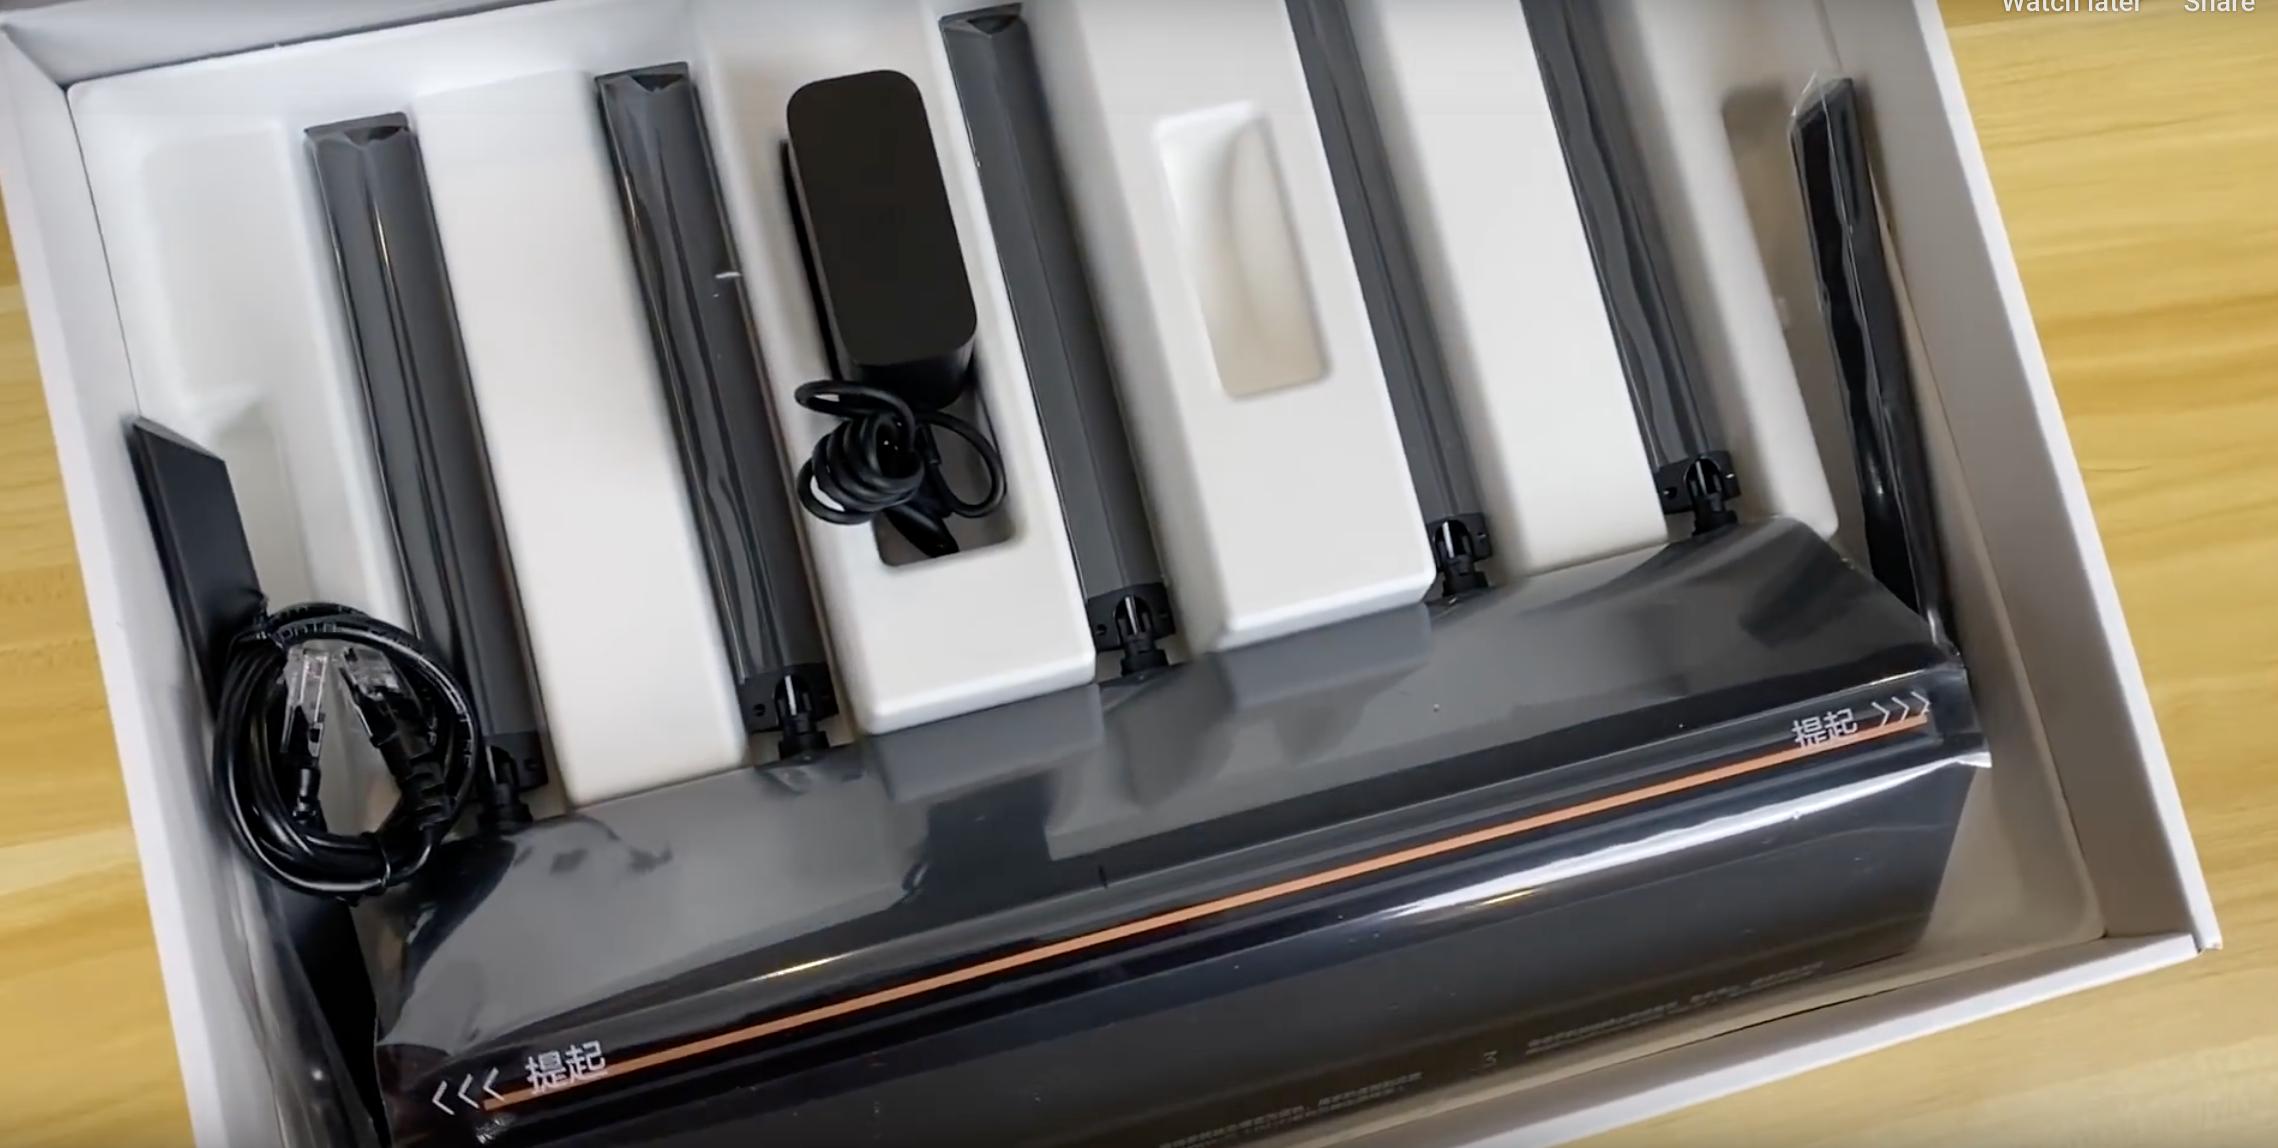 Xiaomi AIoT AX3600 WIFI 6 Đánh giá bộ định tuyến: Flagship không dây mới nhất 7Thiết kế -Antenna 2